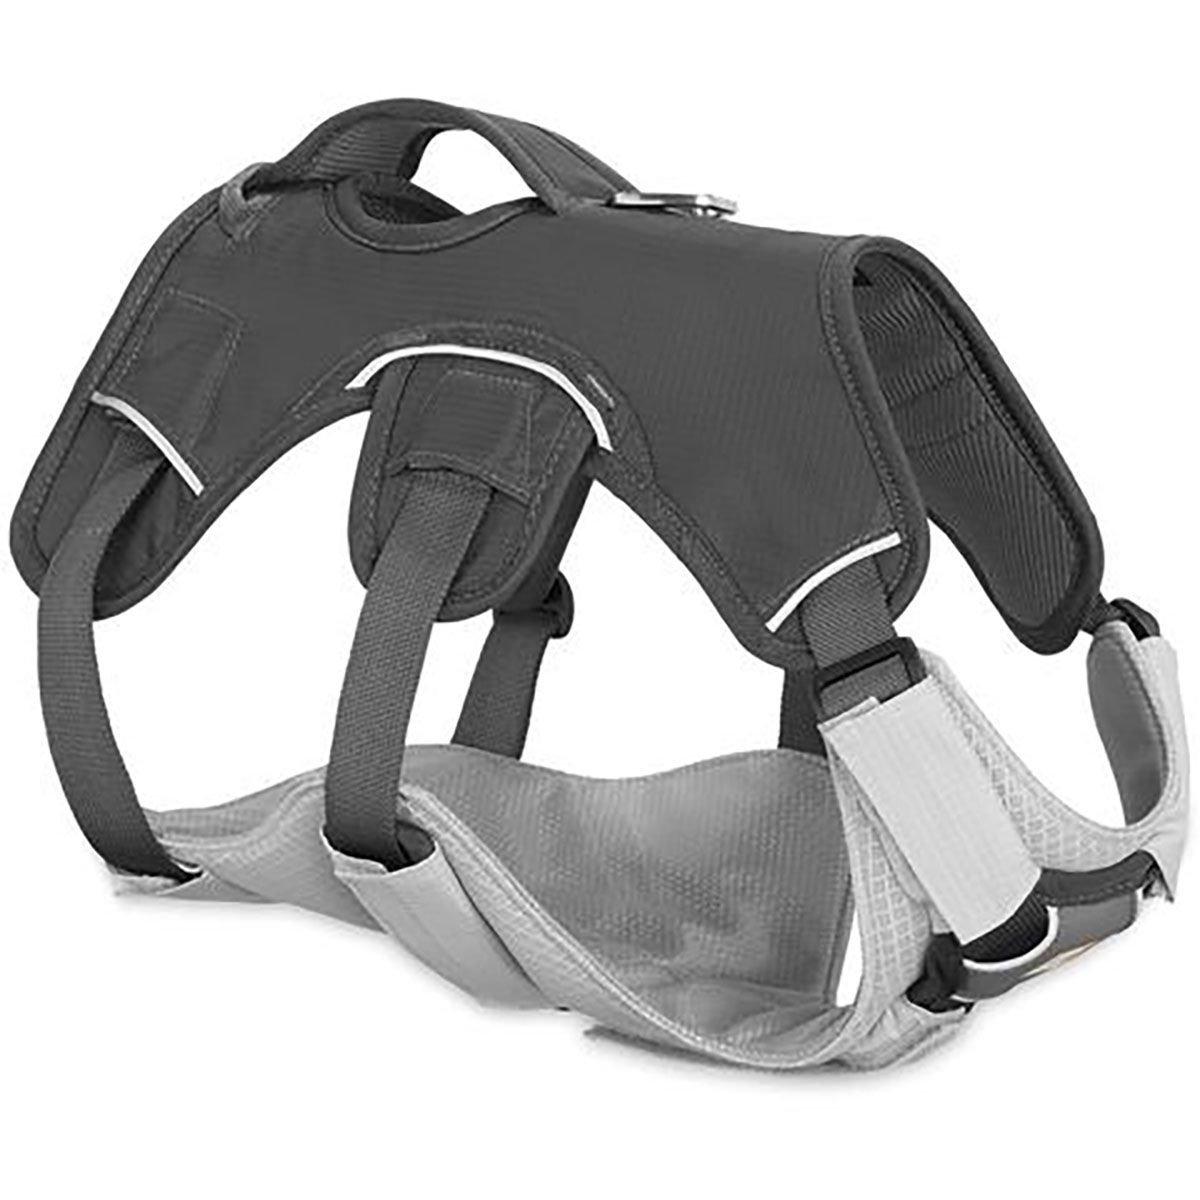 Ruffwear Core Cooler™ Kühlpolster für Hundegeschirr, Bild 2